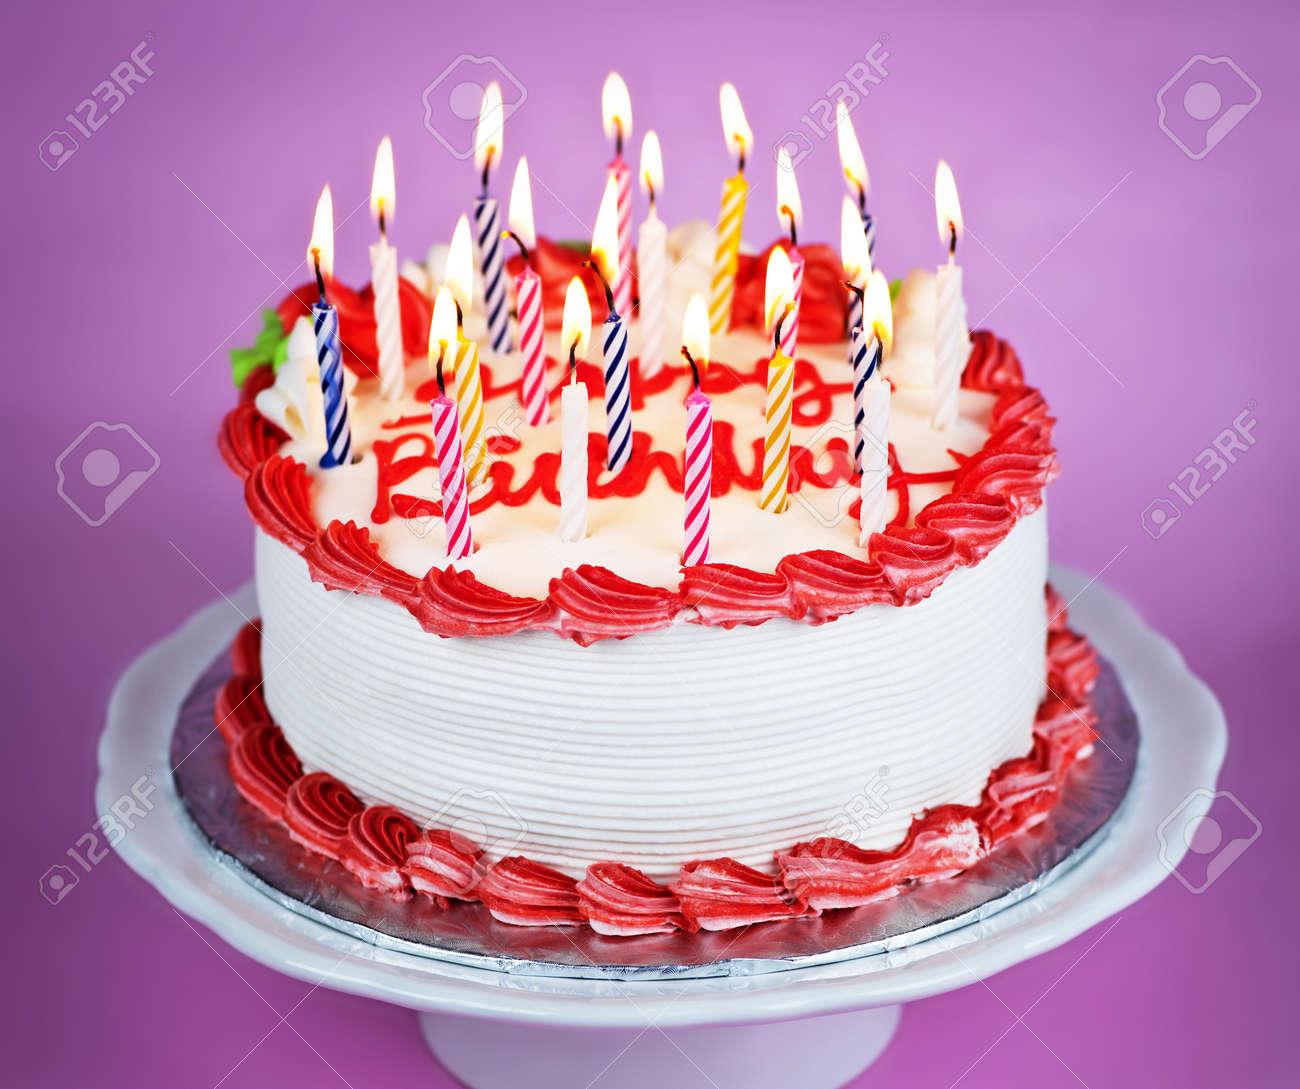 Gâteau D Anniversaire Avec Des Bougies Allumées Sur Une Plaque Sur Fond Rose